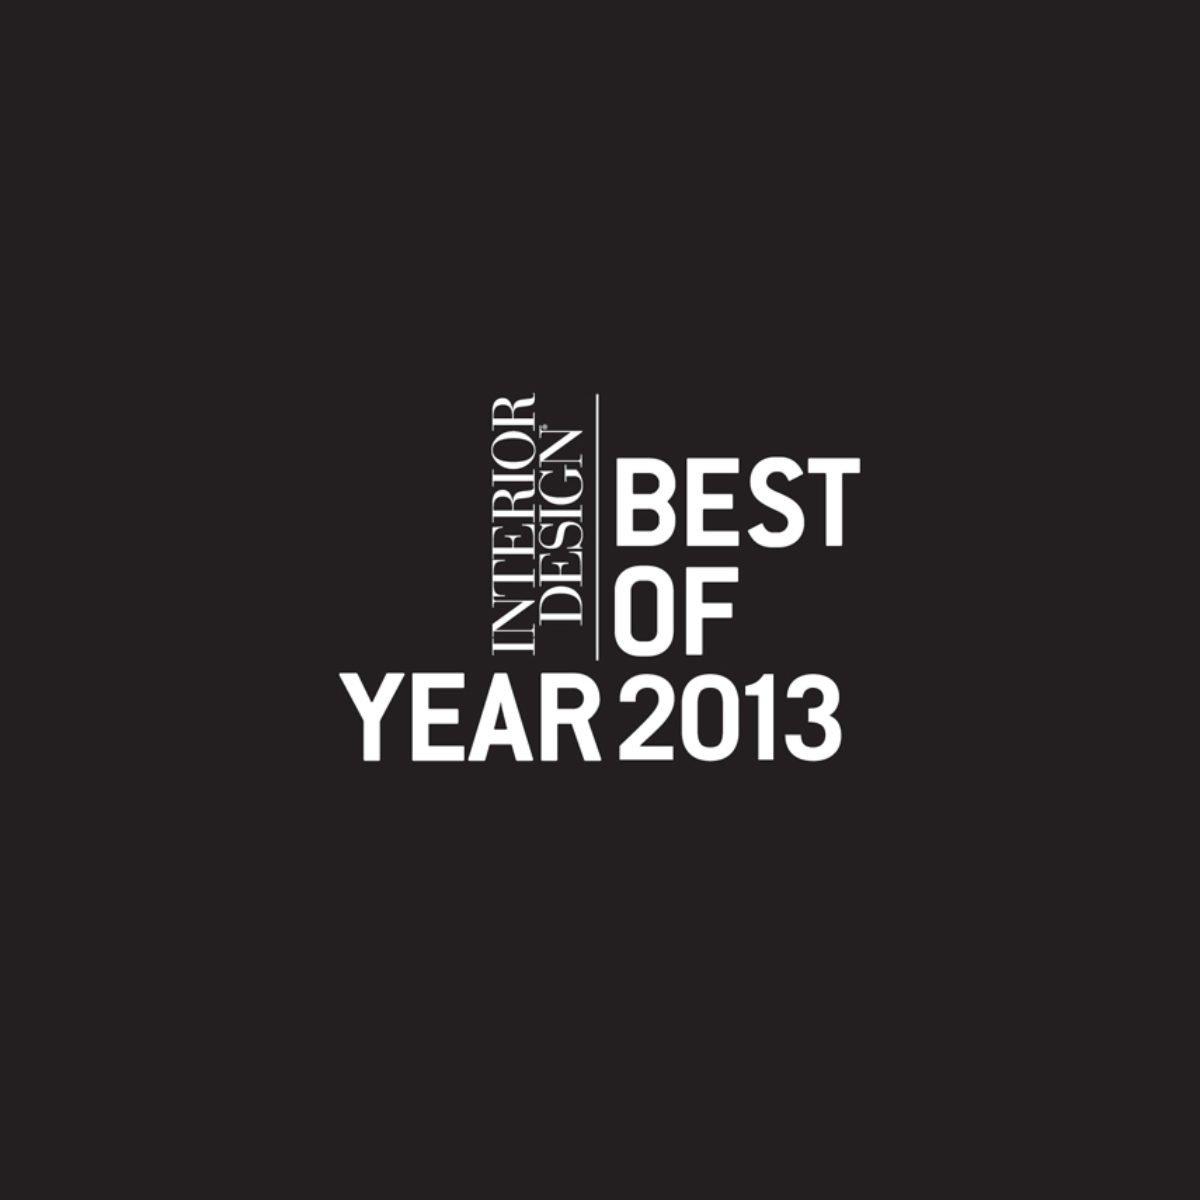 Interior Design Best of Year logo in white